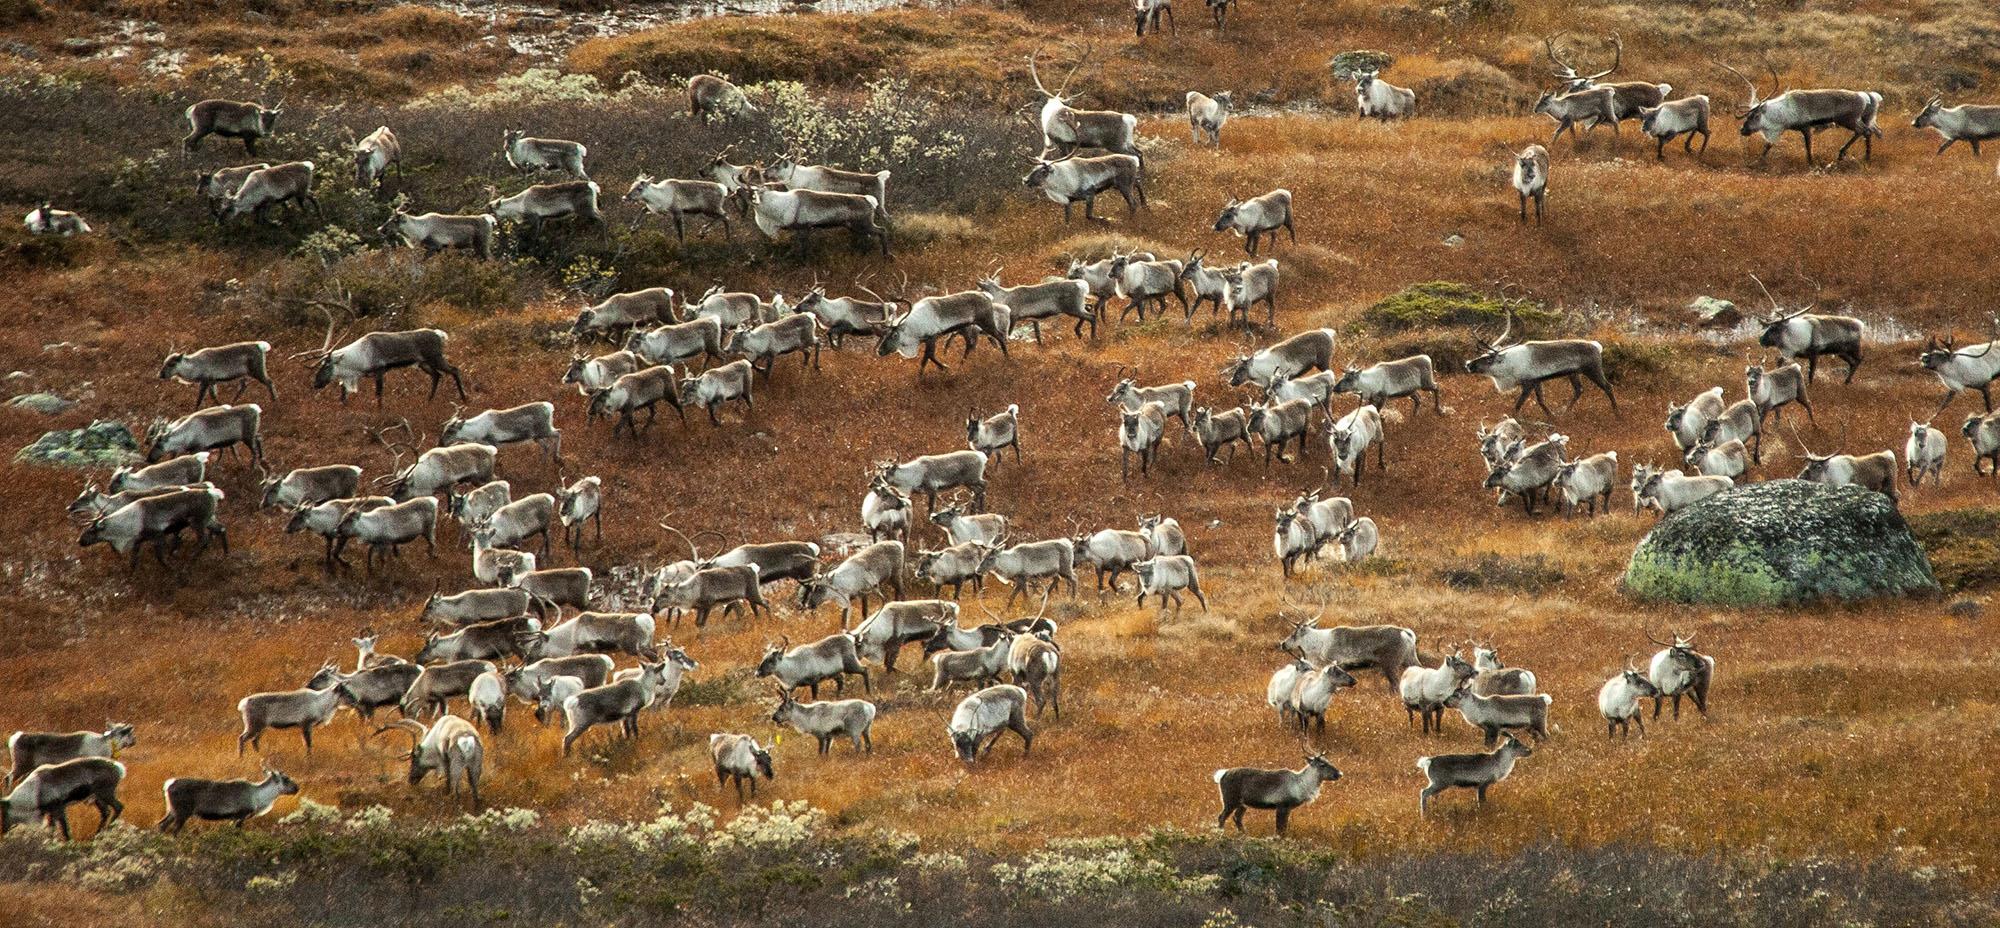 Av ein kvote på 6000 dyr blei det på Hardangervidda i år felt 1376 dyr. Foto Kjell Bitustøyl